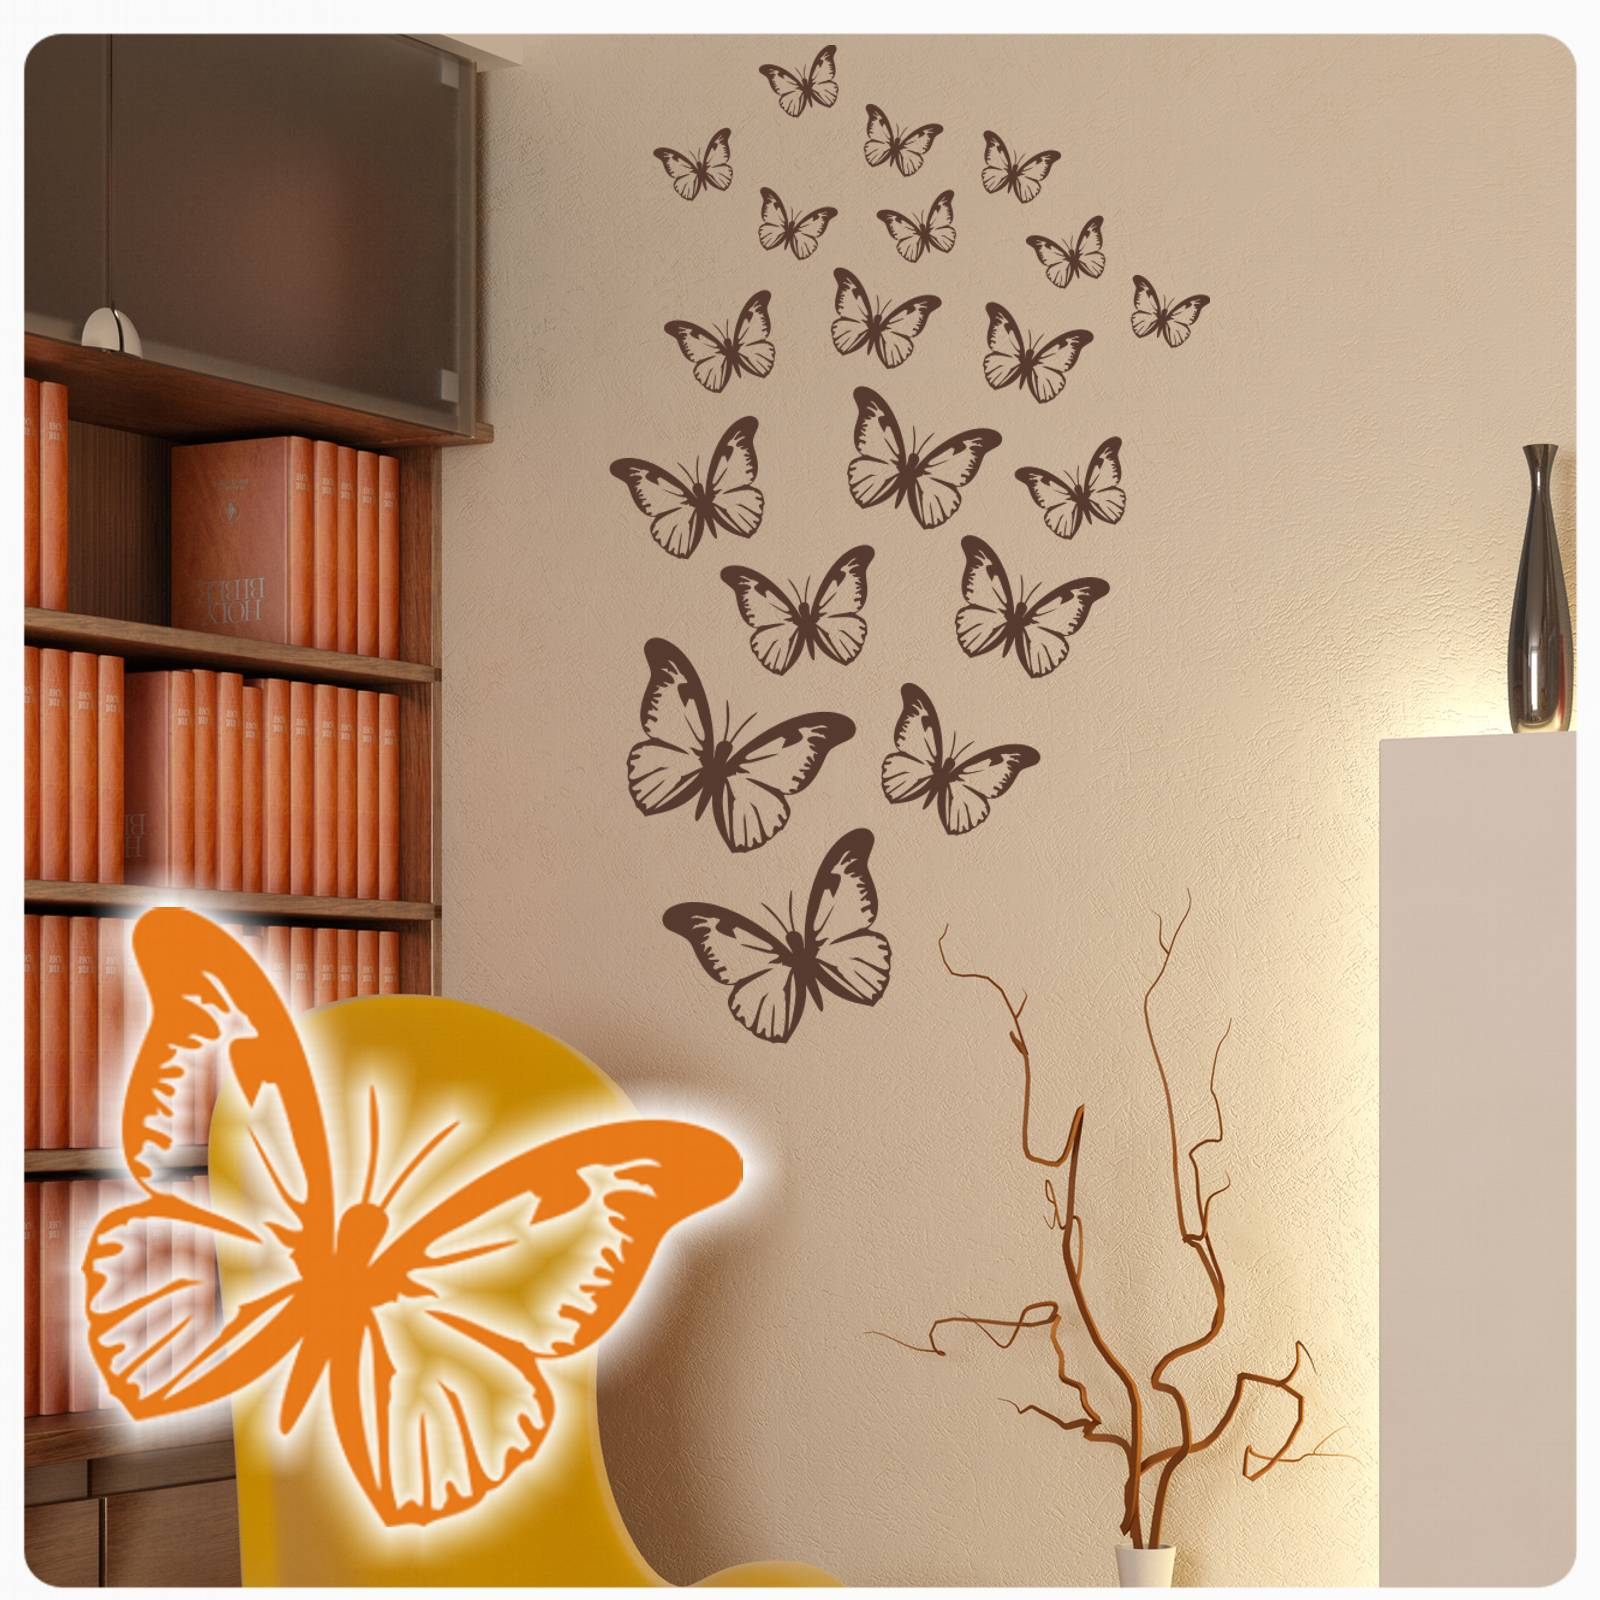 Wunderbar Wandtattoo Schmetterling Foto Von Schmetterlinge Wandaufkleber Aufkleber Set